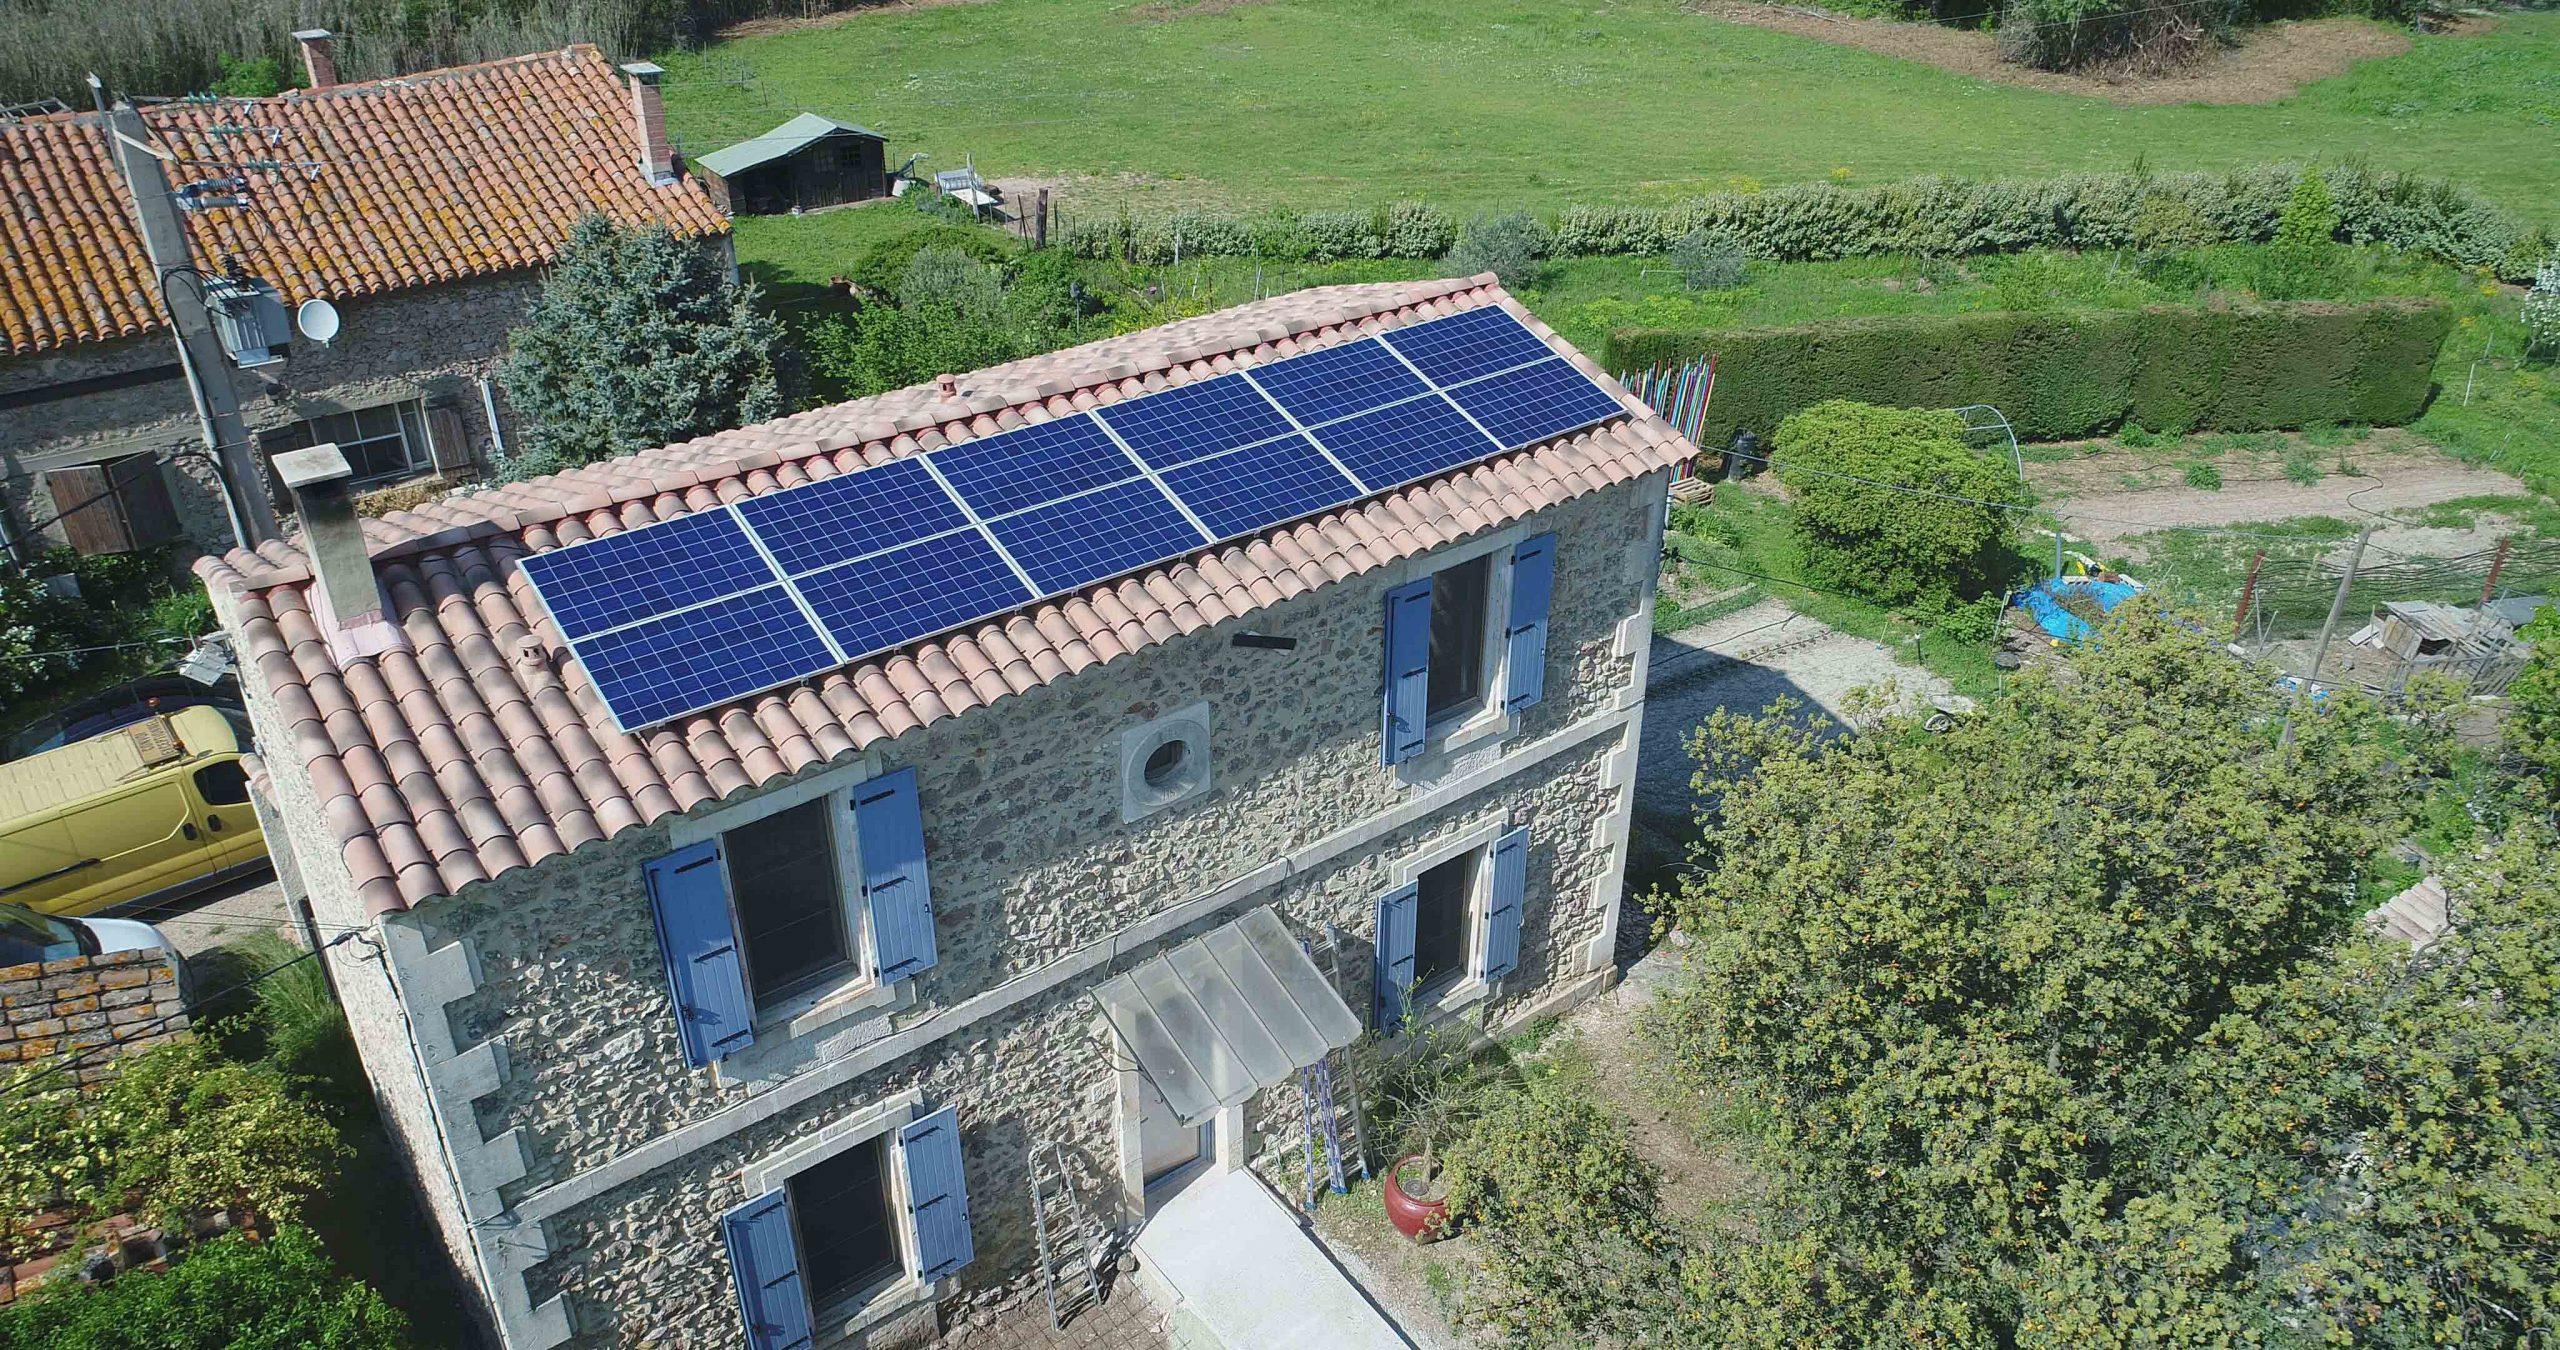 panneau photovoltaïque maison vue aériene, réalisé par Sebalyo Solar